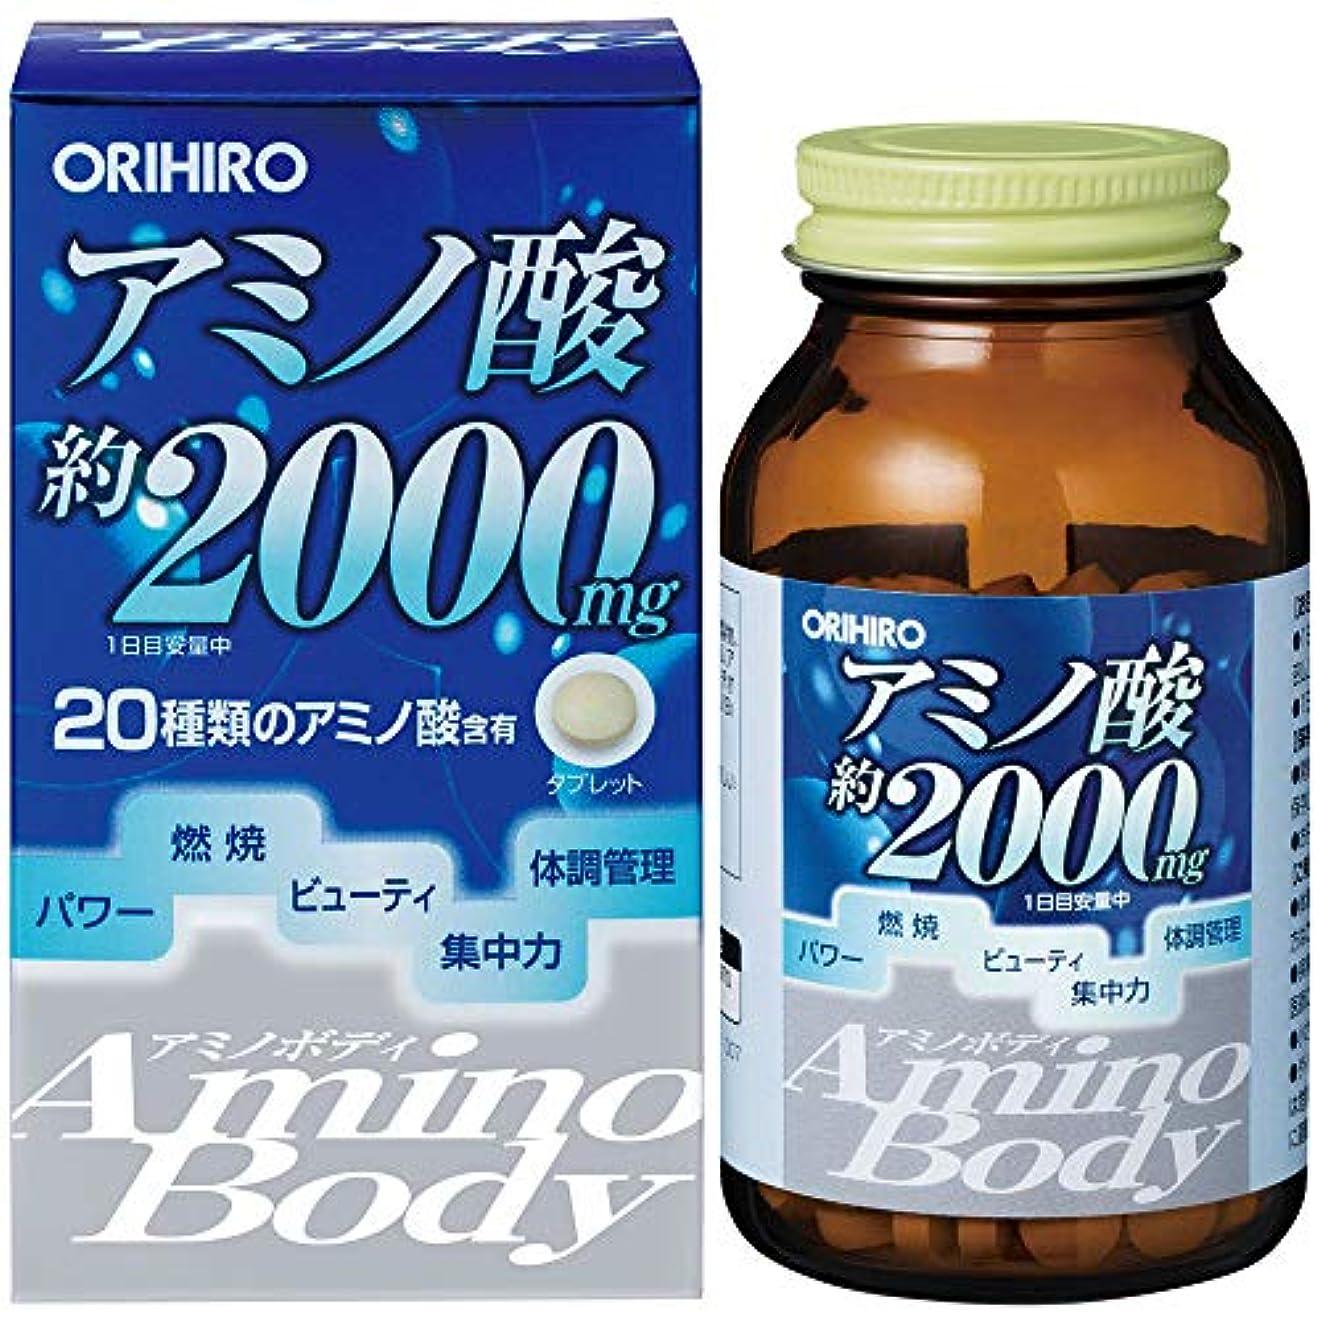 パネル理論装備するオリヒロ Amino Body アミノボディ(大豆ペプチド)